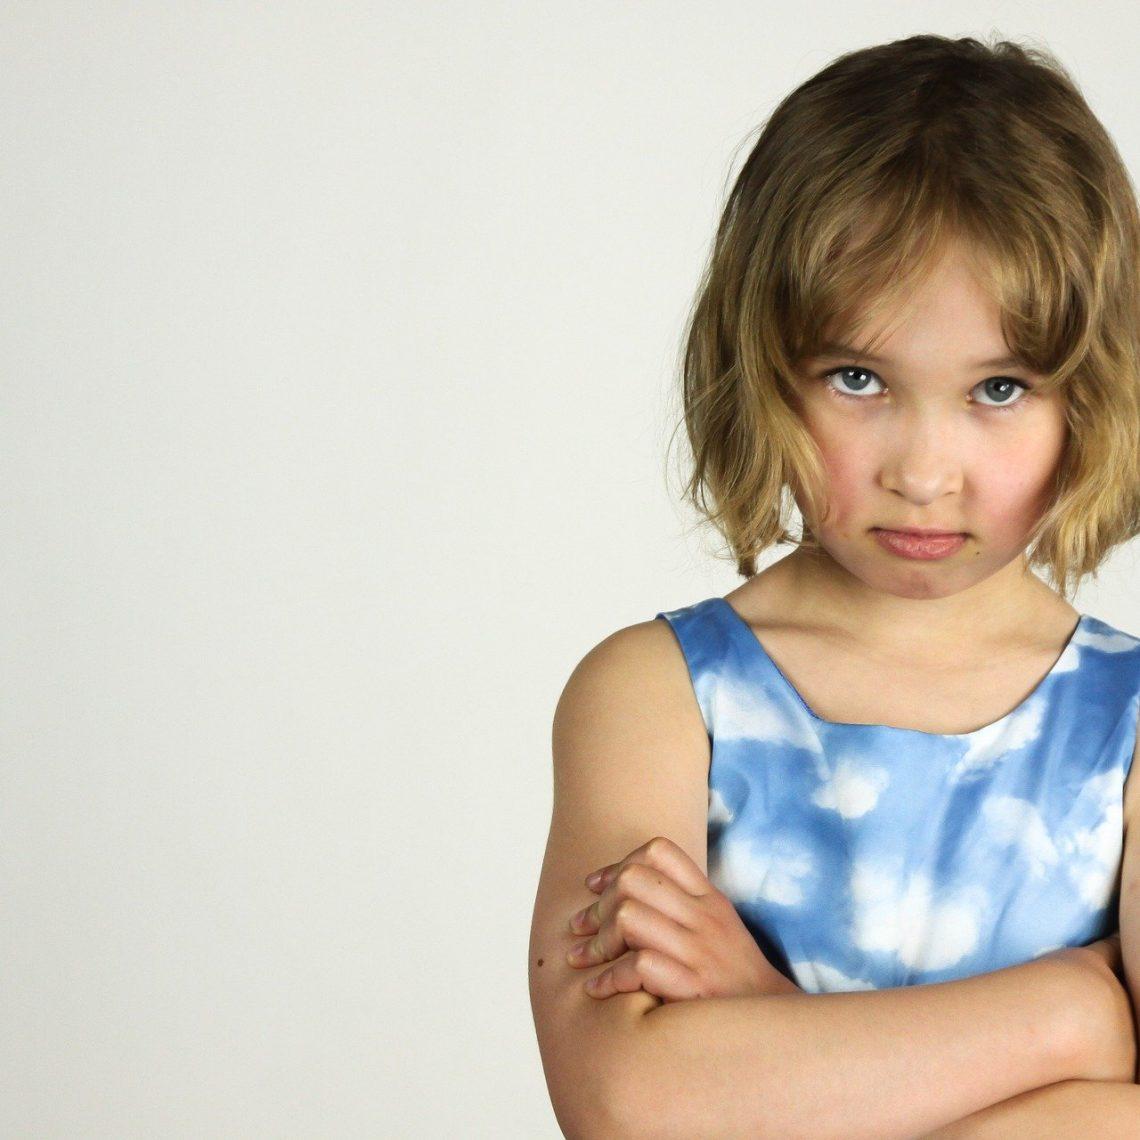 Chcesz wychować mądre, samodzielne i kreatywne dziecko?